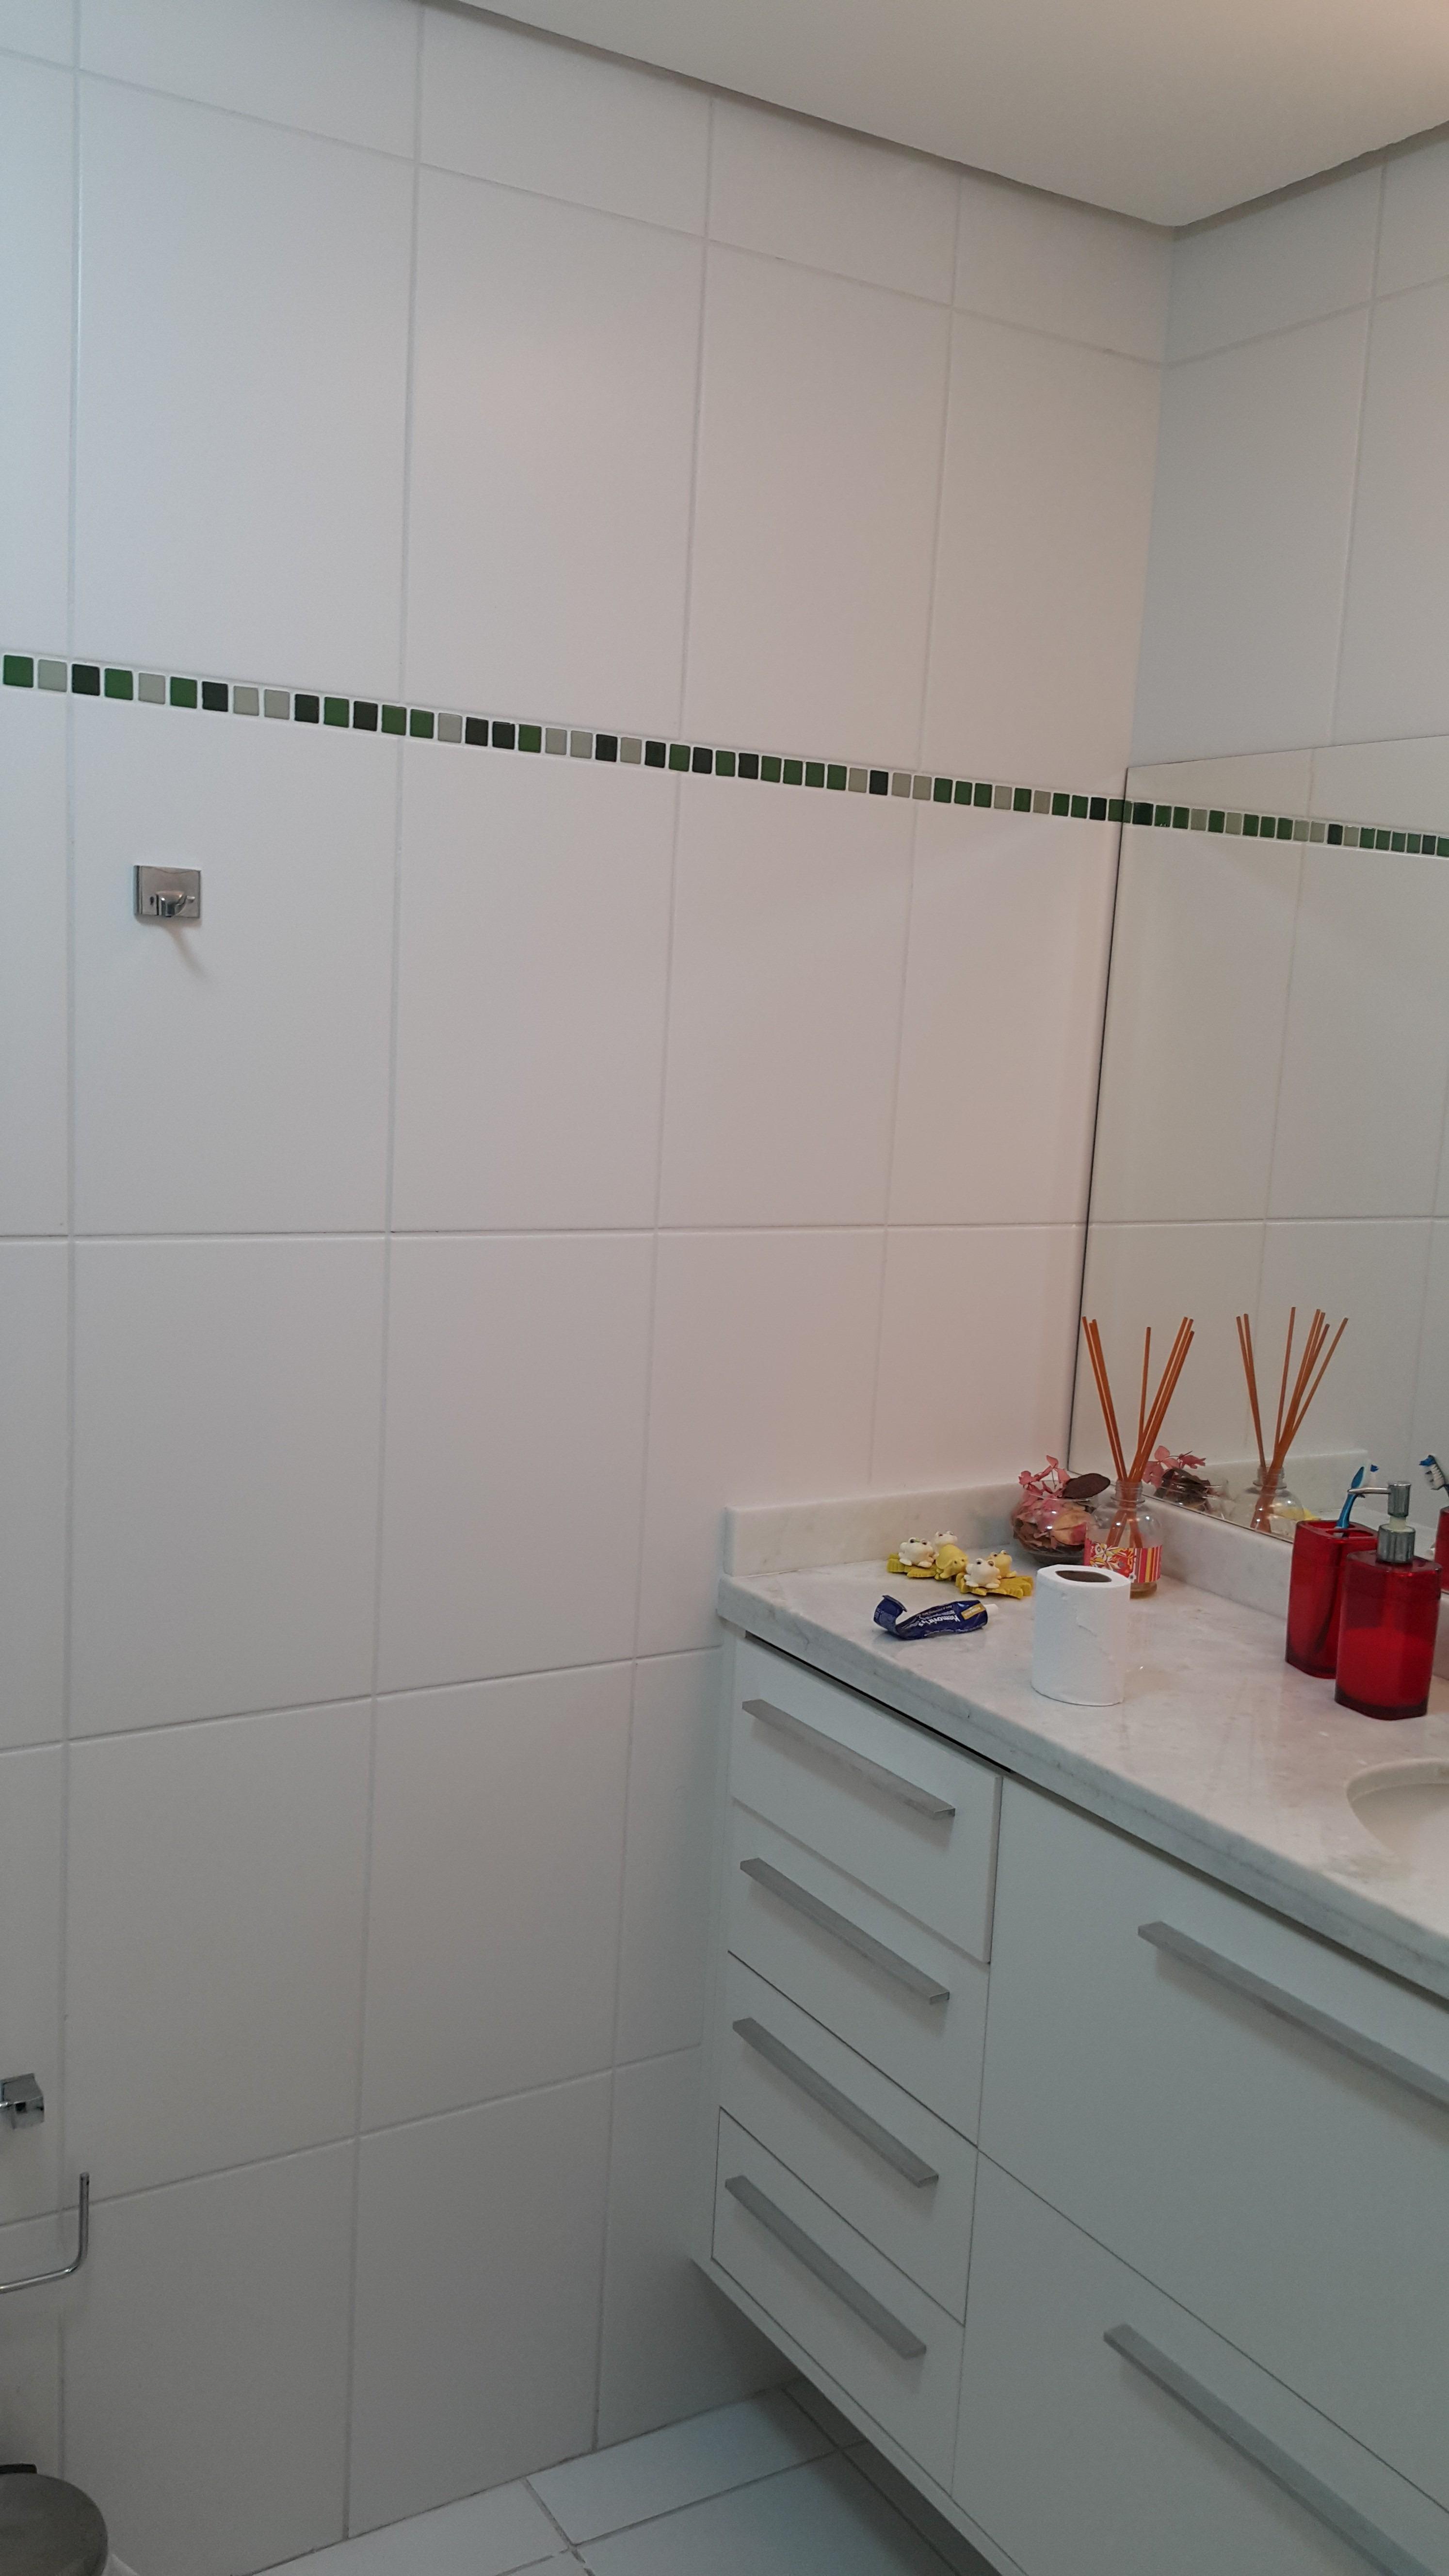 Apartamento com 2 Dormitórios 2 Suítes e 1 Vaga de Garagem à venda  #712926 2988x5312 Balança Digital Banheiro Porto Alegre